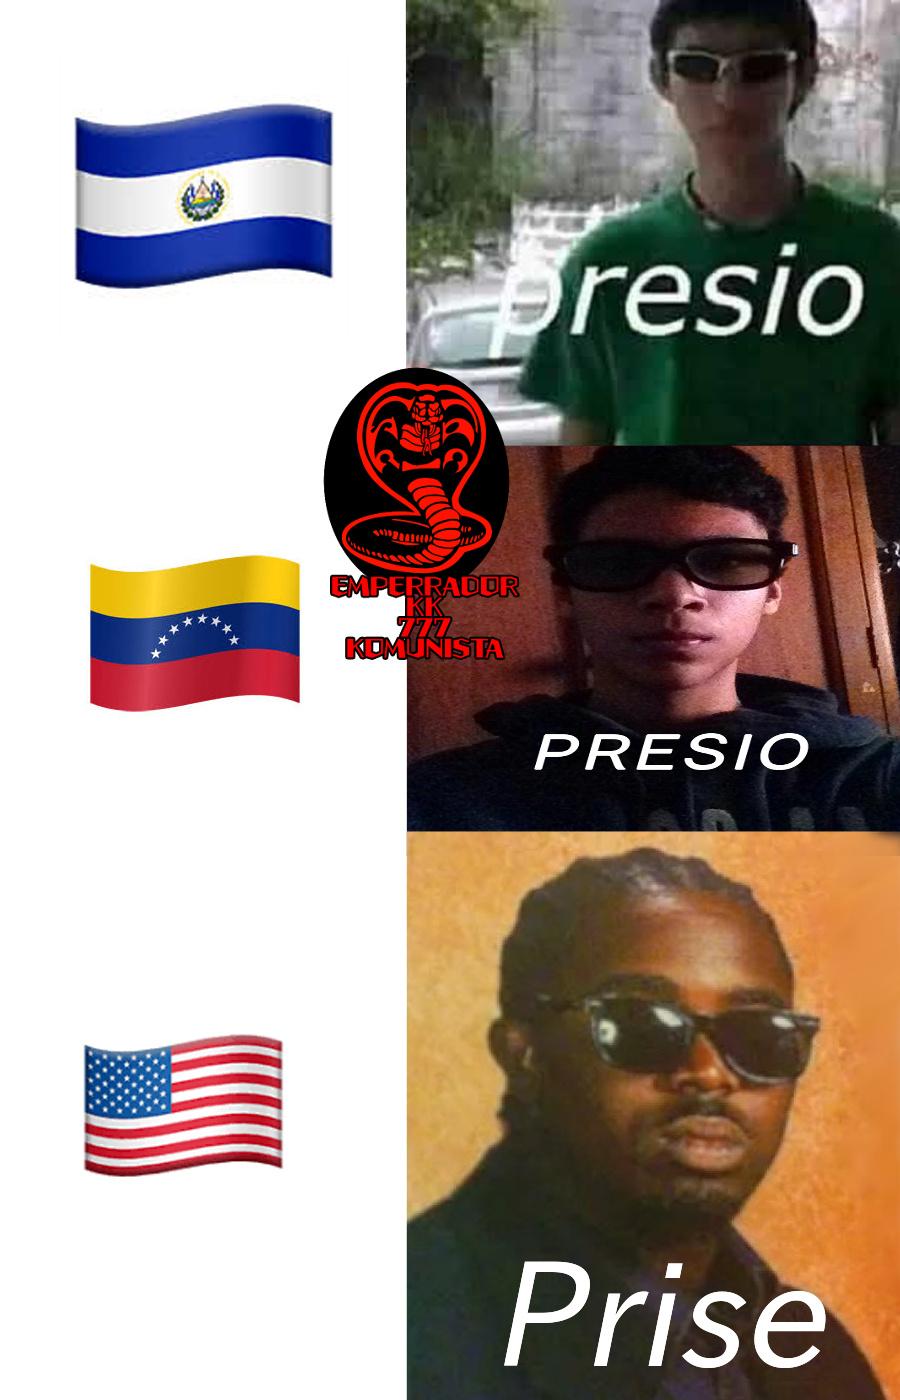 en serio que puta risa el presio fuera de bromas no paro de reir con la maldita cara de the cooler daniel con el prise ese coño mano venezuela pobresita me hace reir con la cara de homosexual reprimido - meme